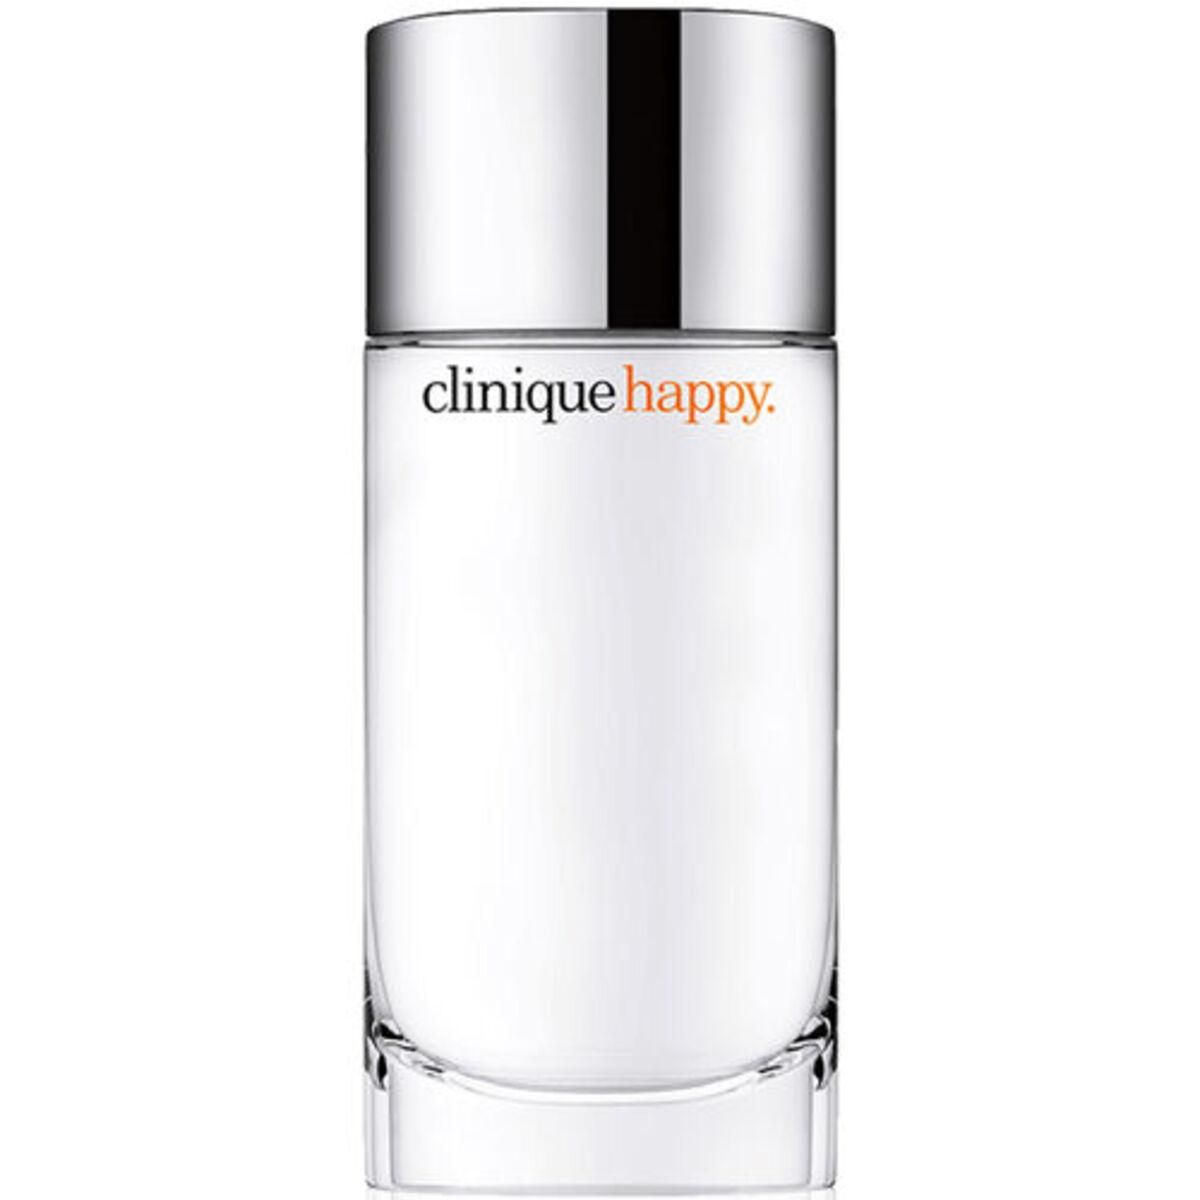 Bild 2 von Clinique Happy, Eau de Parfum, 30 ml